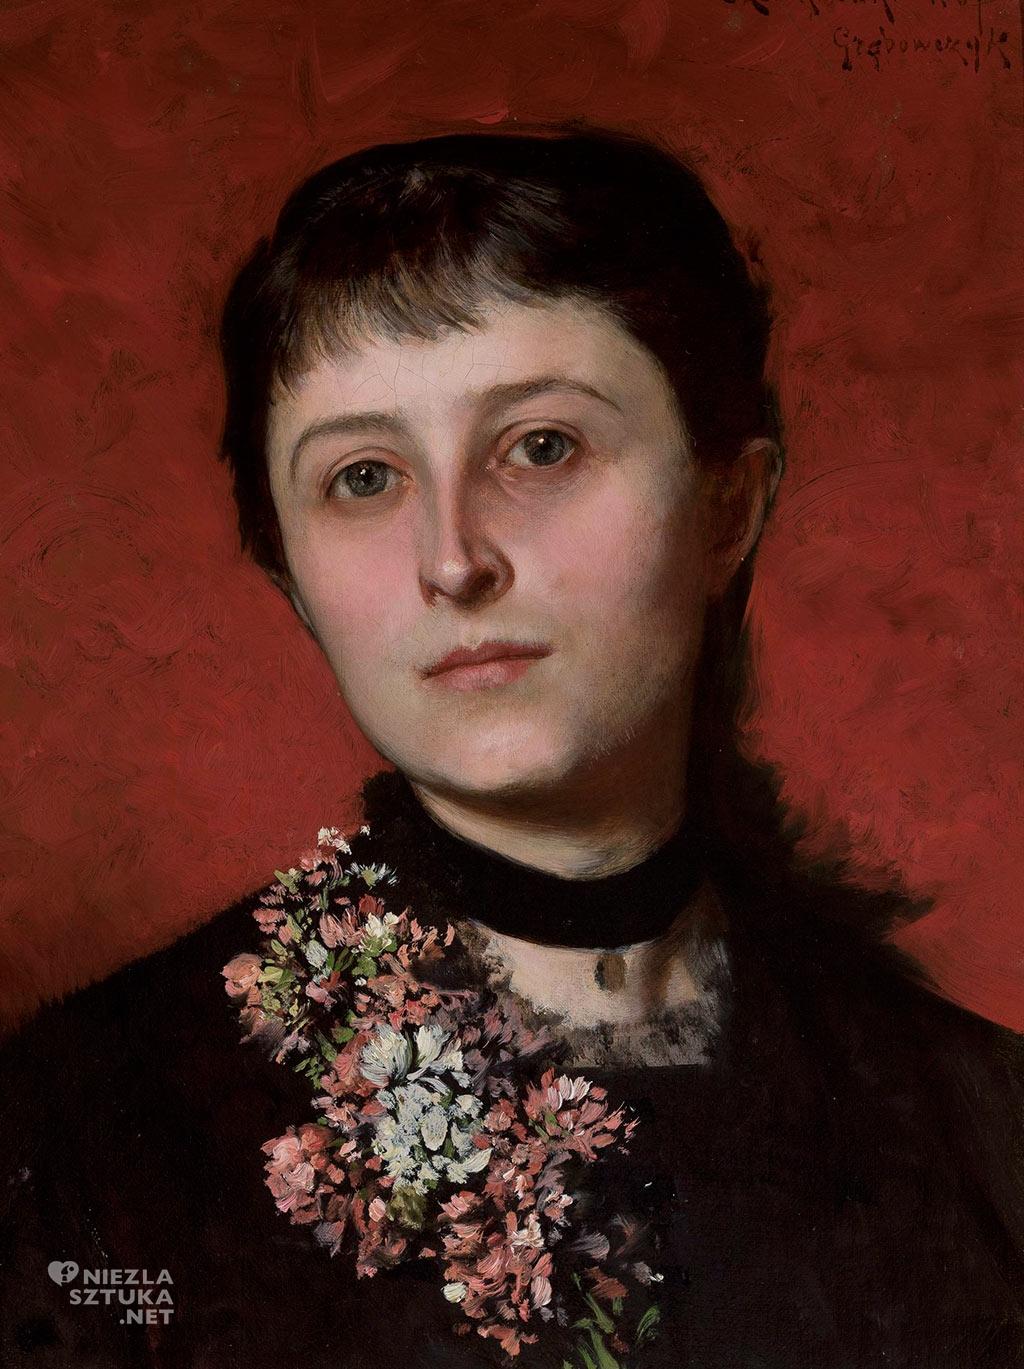 Portret Marii z Popielów Godlewskiej Władysław Czachórski